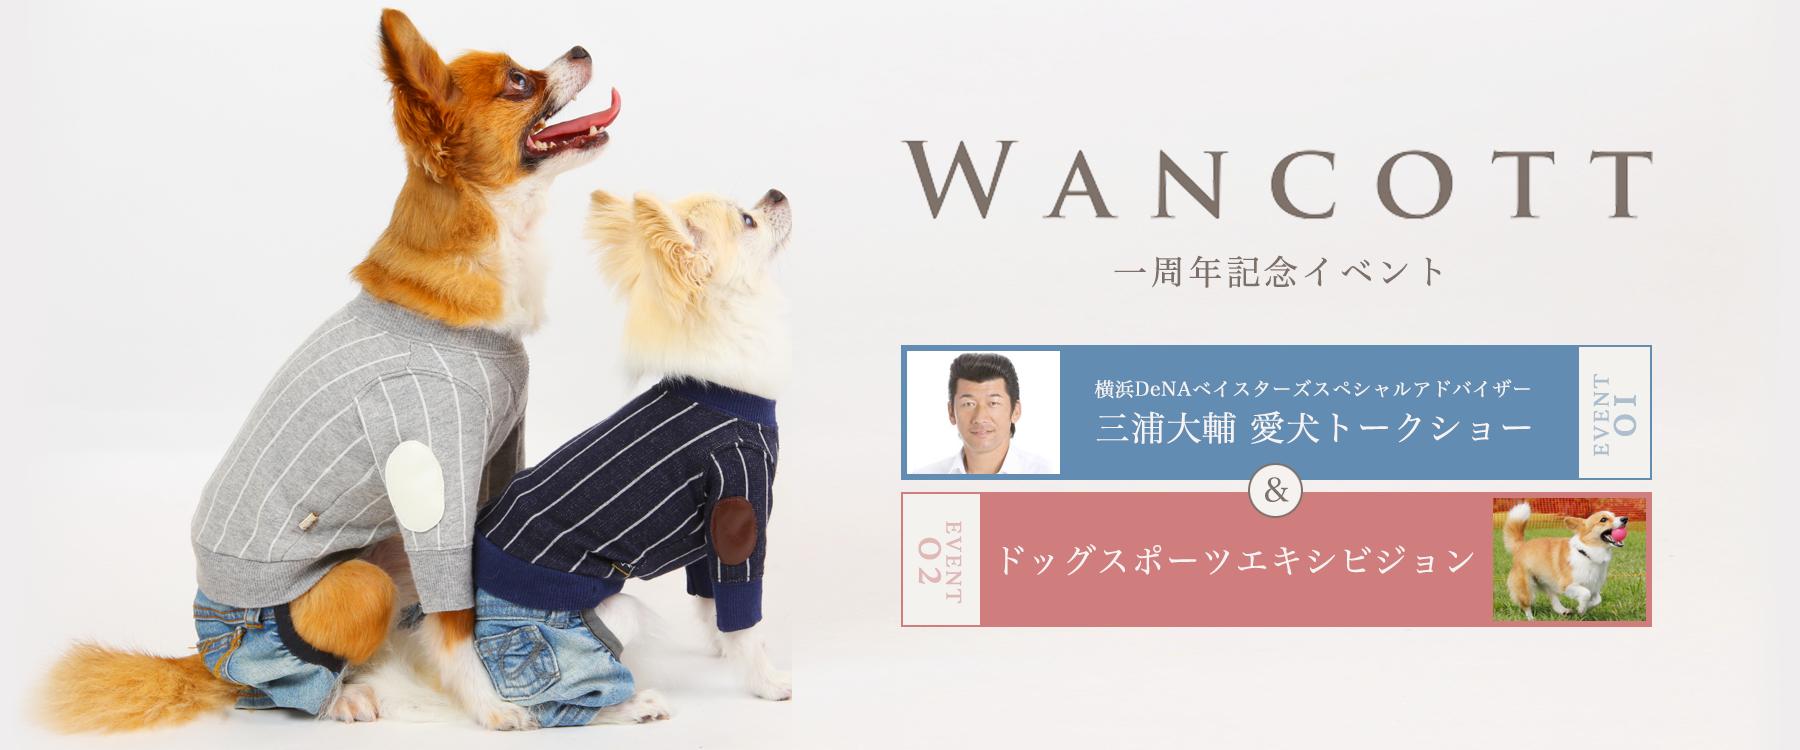 WANCOTT 1周年記念イベント